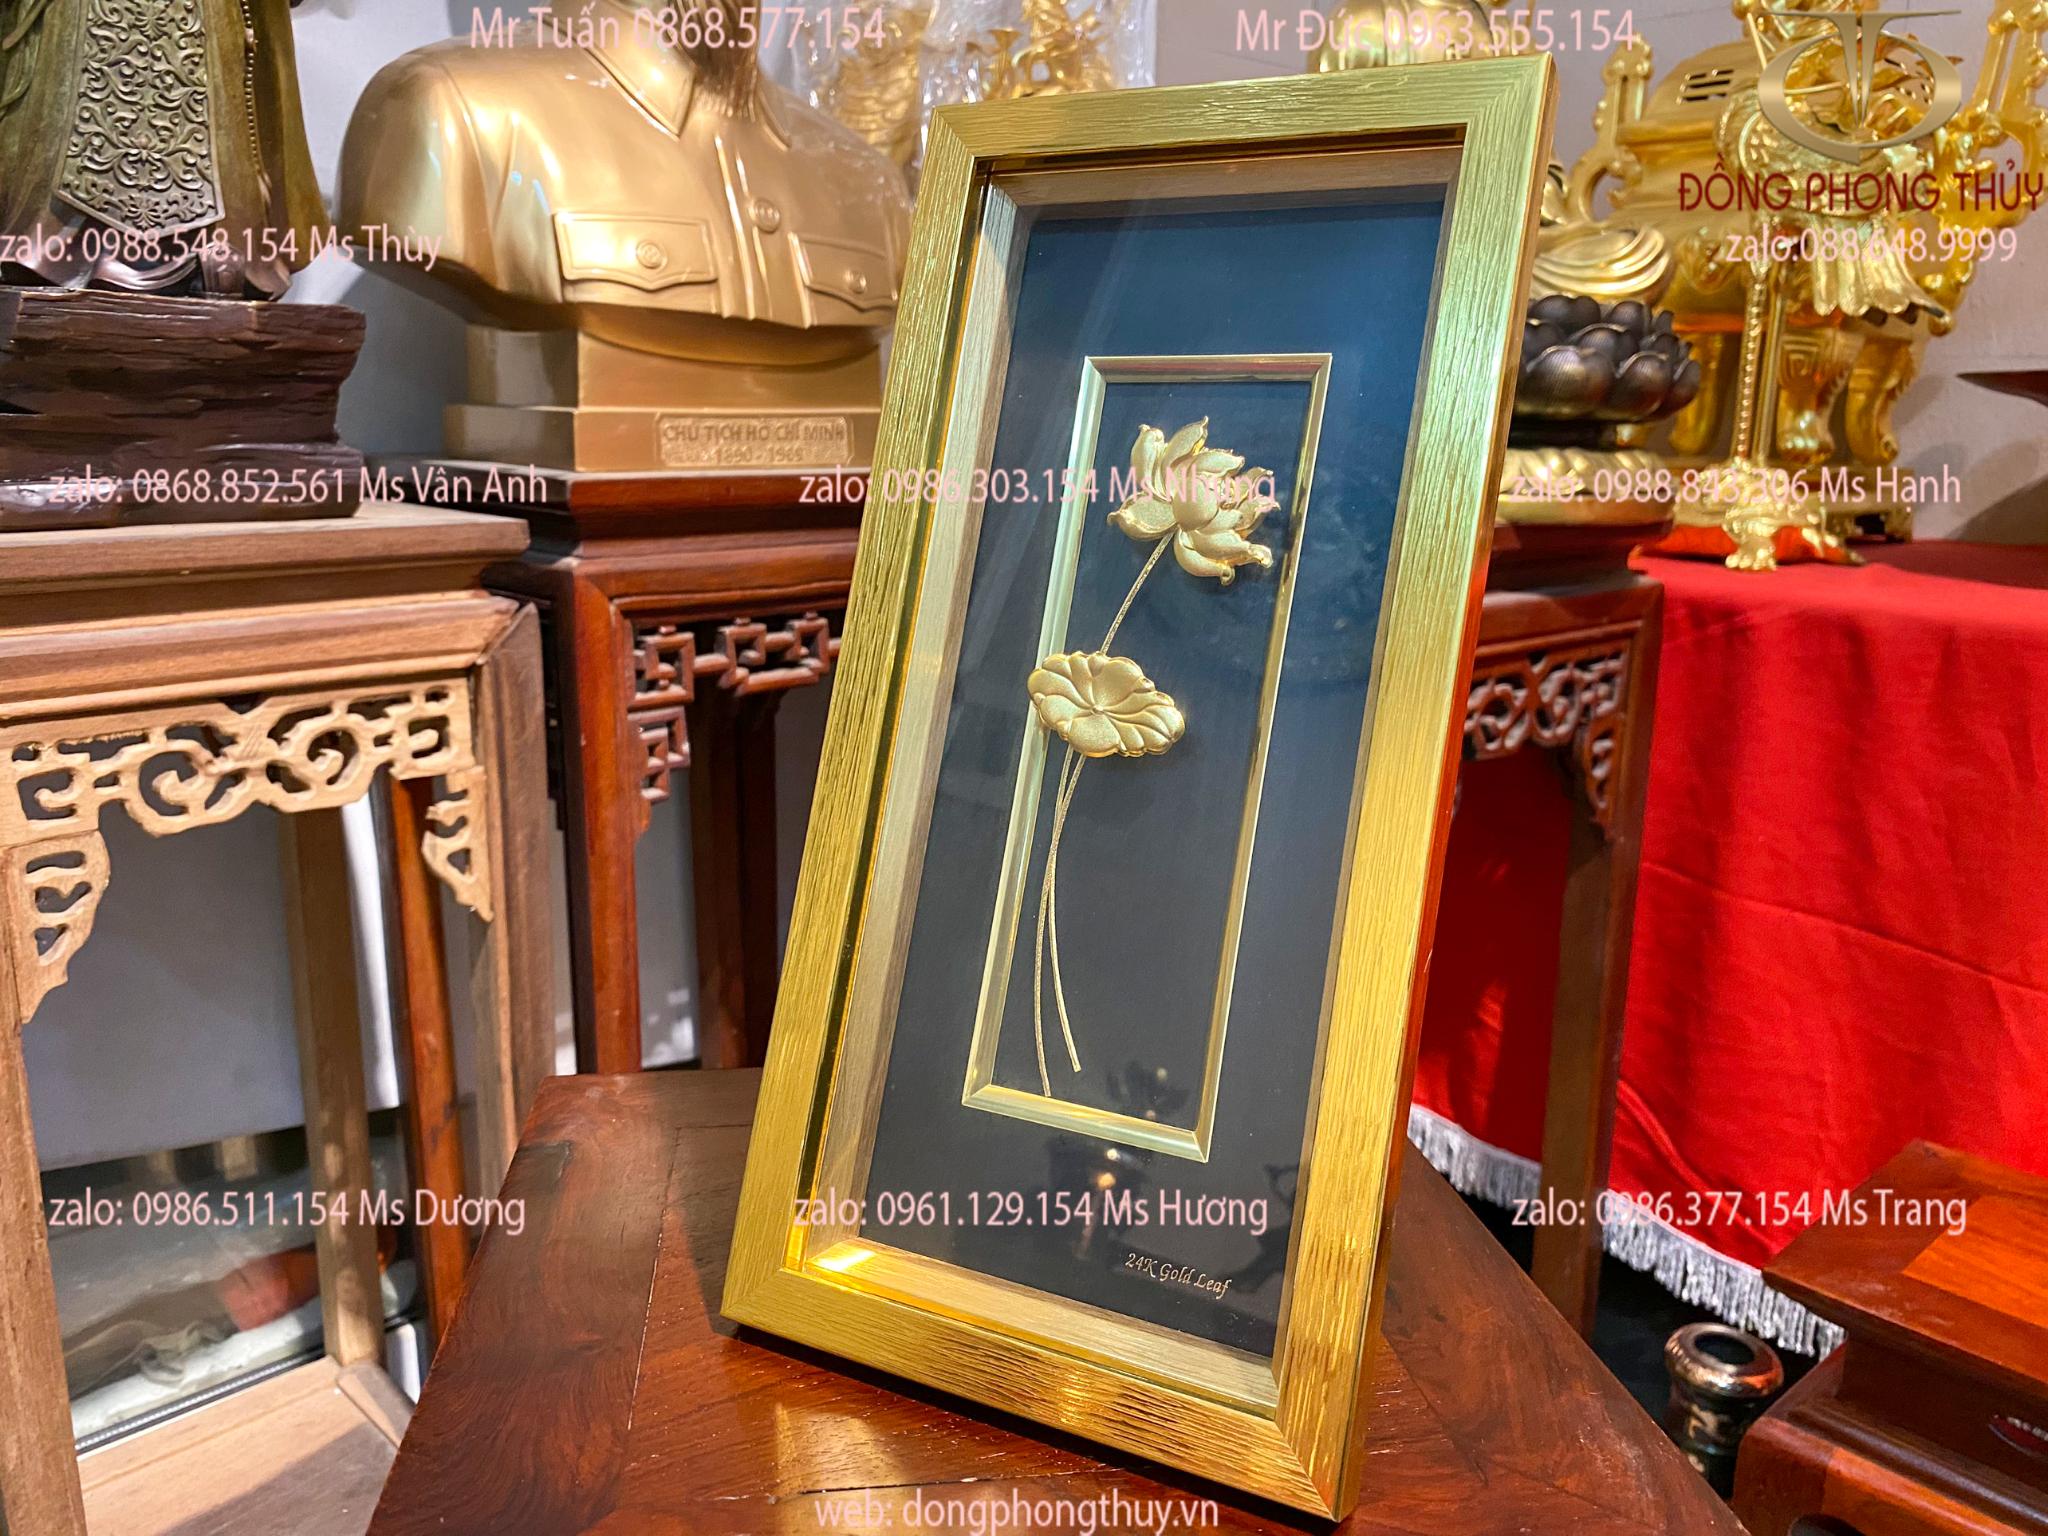 Quà tặng sếp nữ: Tranh hoa sen bình an mạ vàng 24k để bàn viền màu Vàng